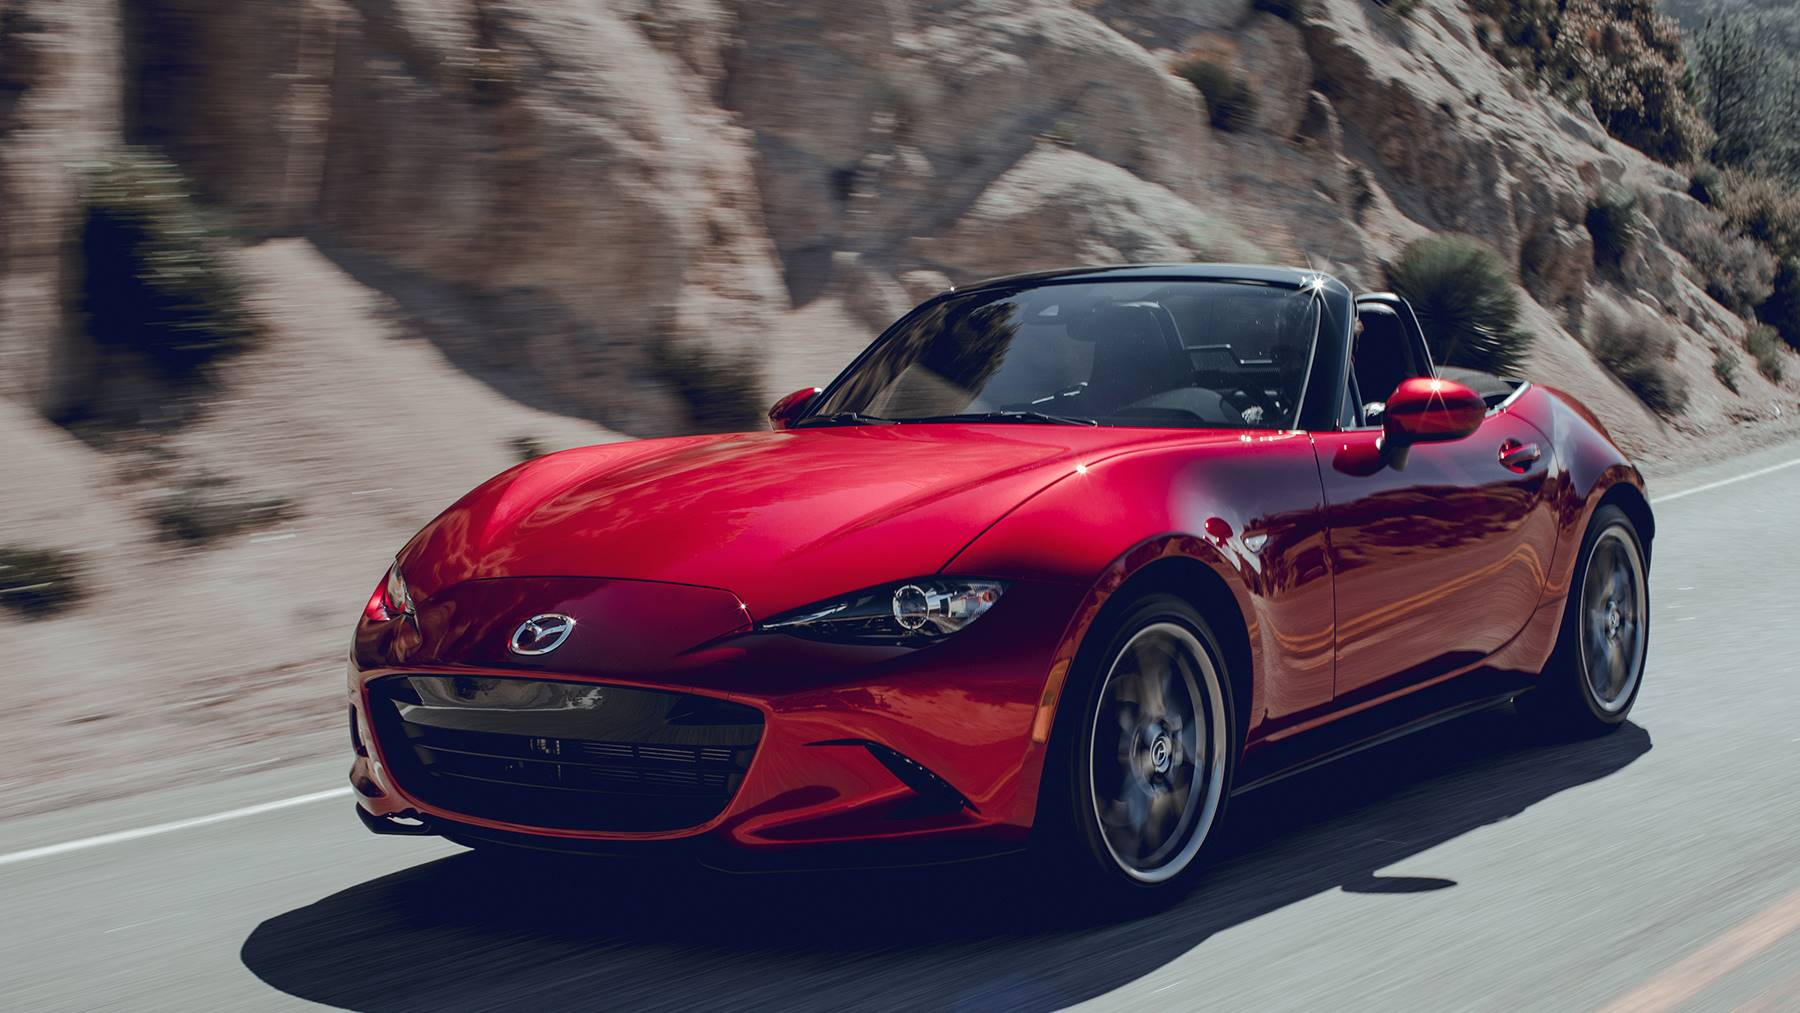 2019 Mazda Mx 5 Miata Irvine Auto Center Irvine Ca